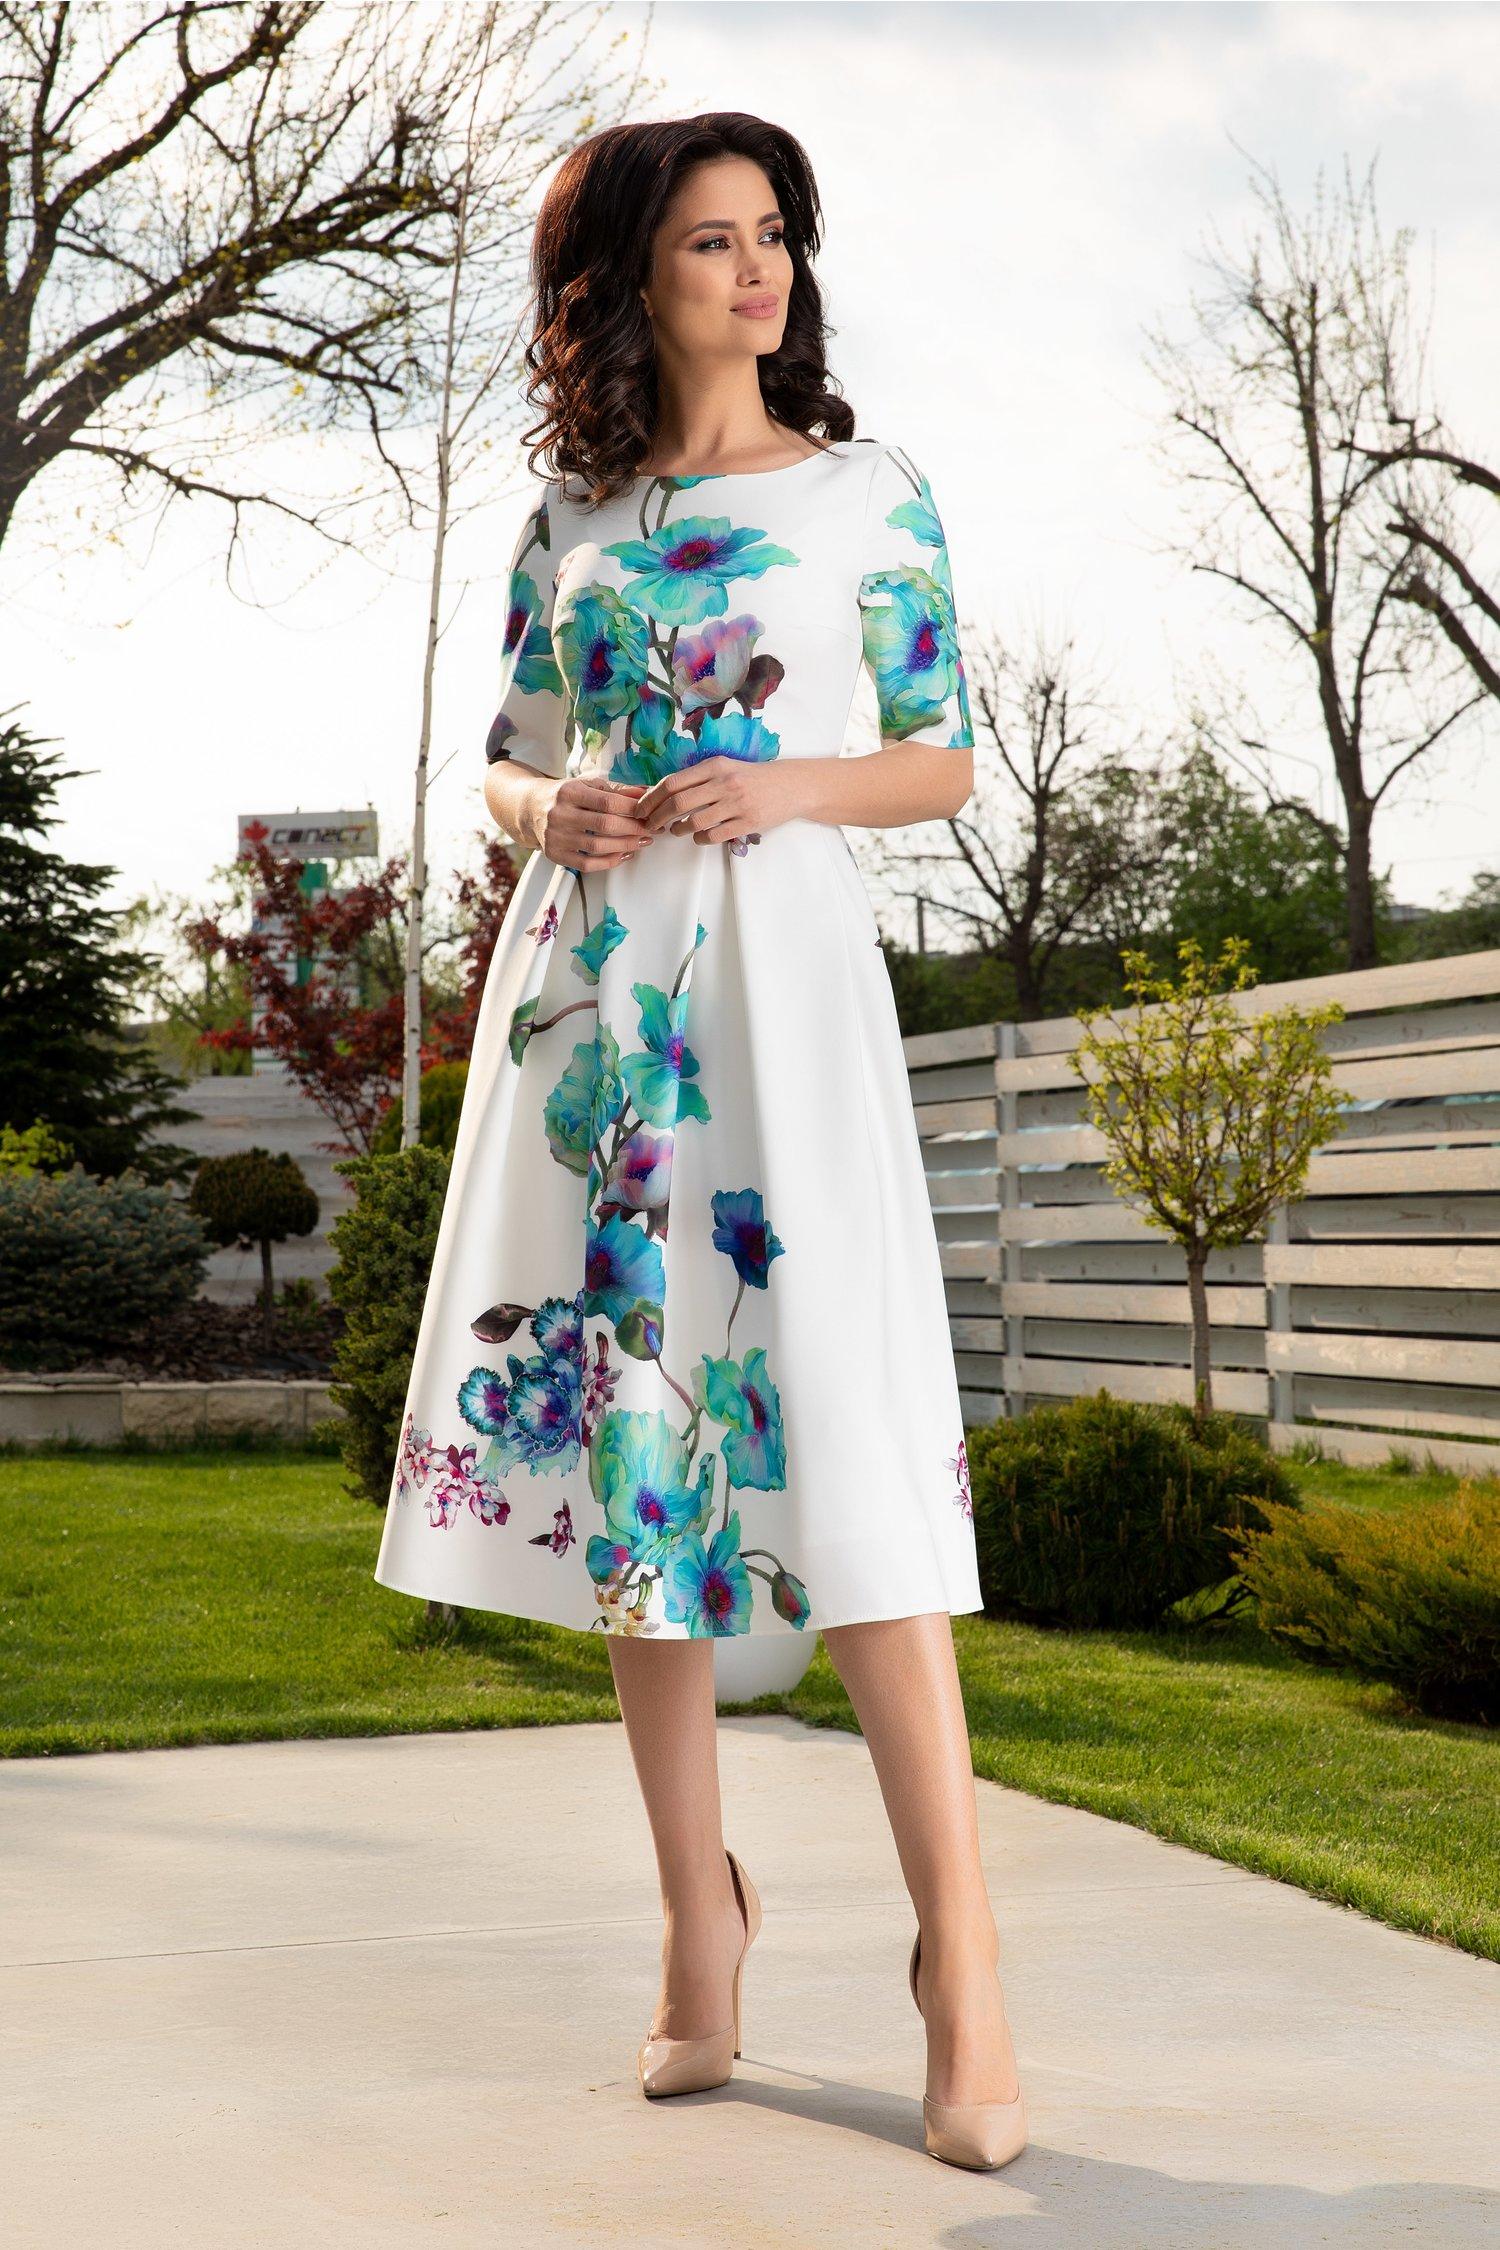 Rochie Leonard Collection midi alba cu imprimeu floral turcoaz